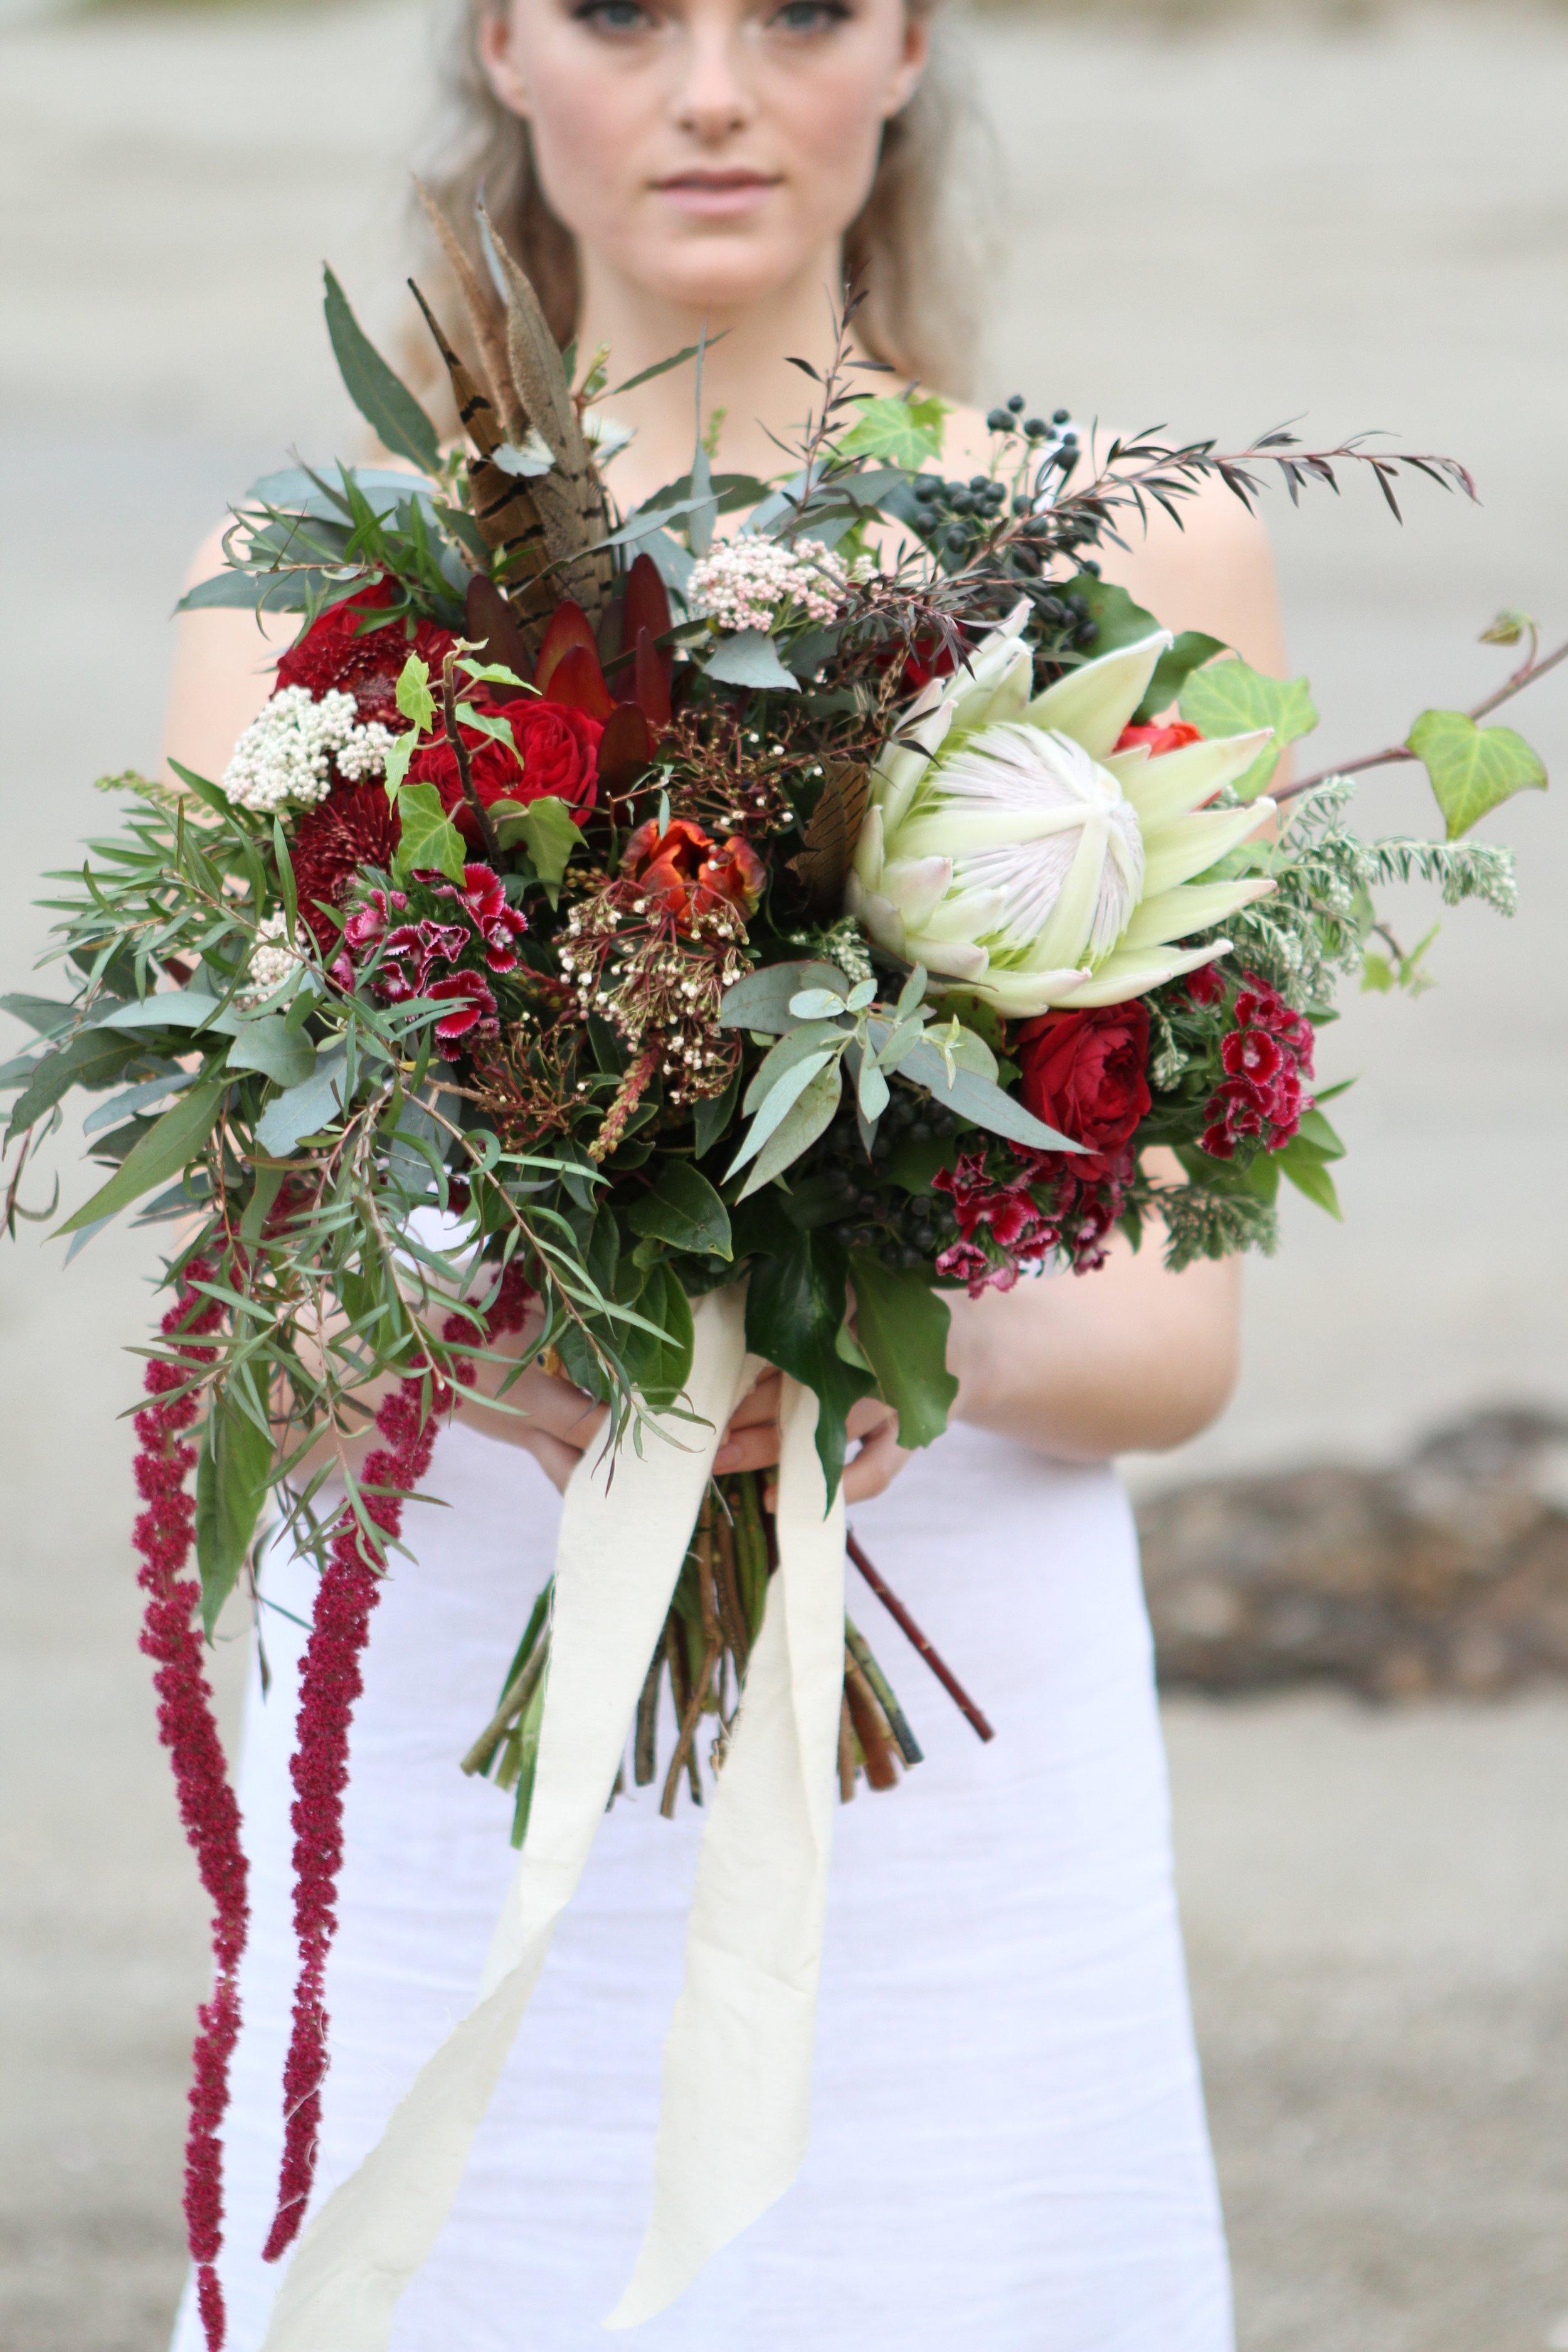 Zoe Southwood modelling Renee's bouquet